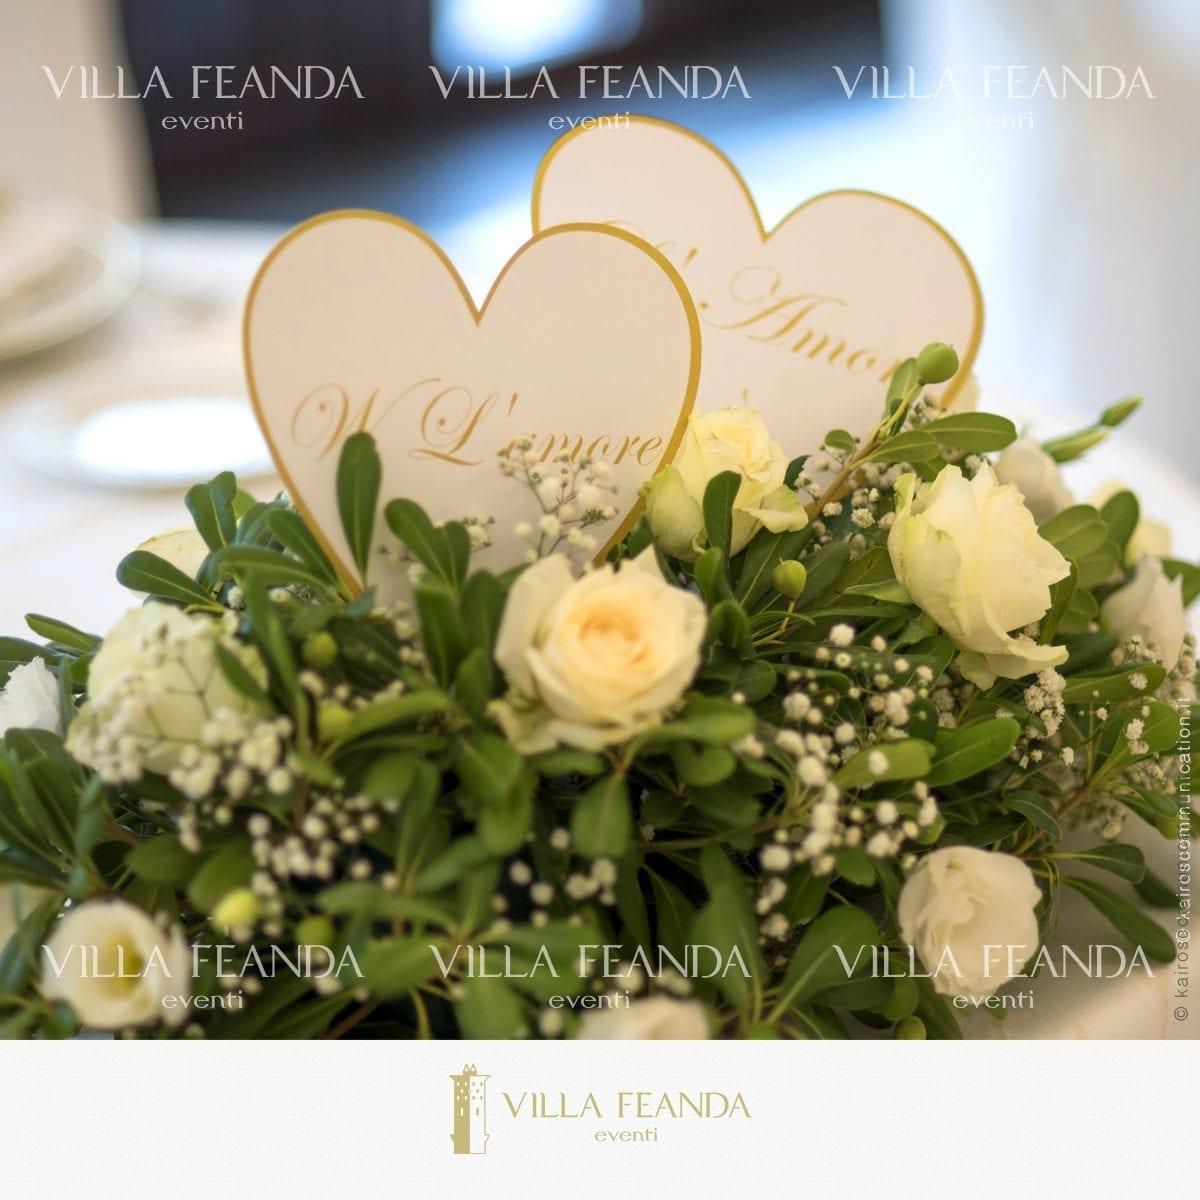 Al Matrimonio Auguri O Congratulazioni : Sposi. villa feanda eventi part 3